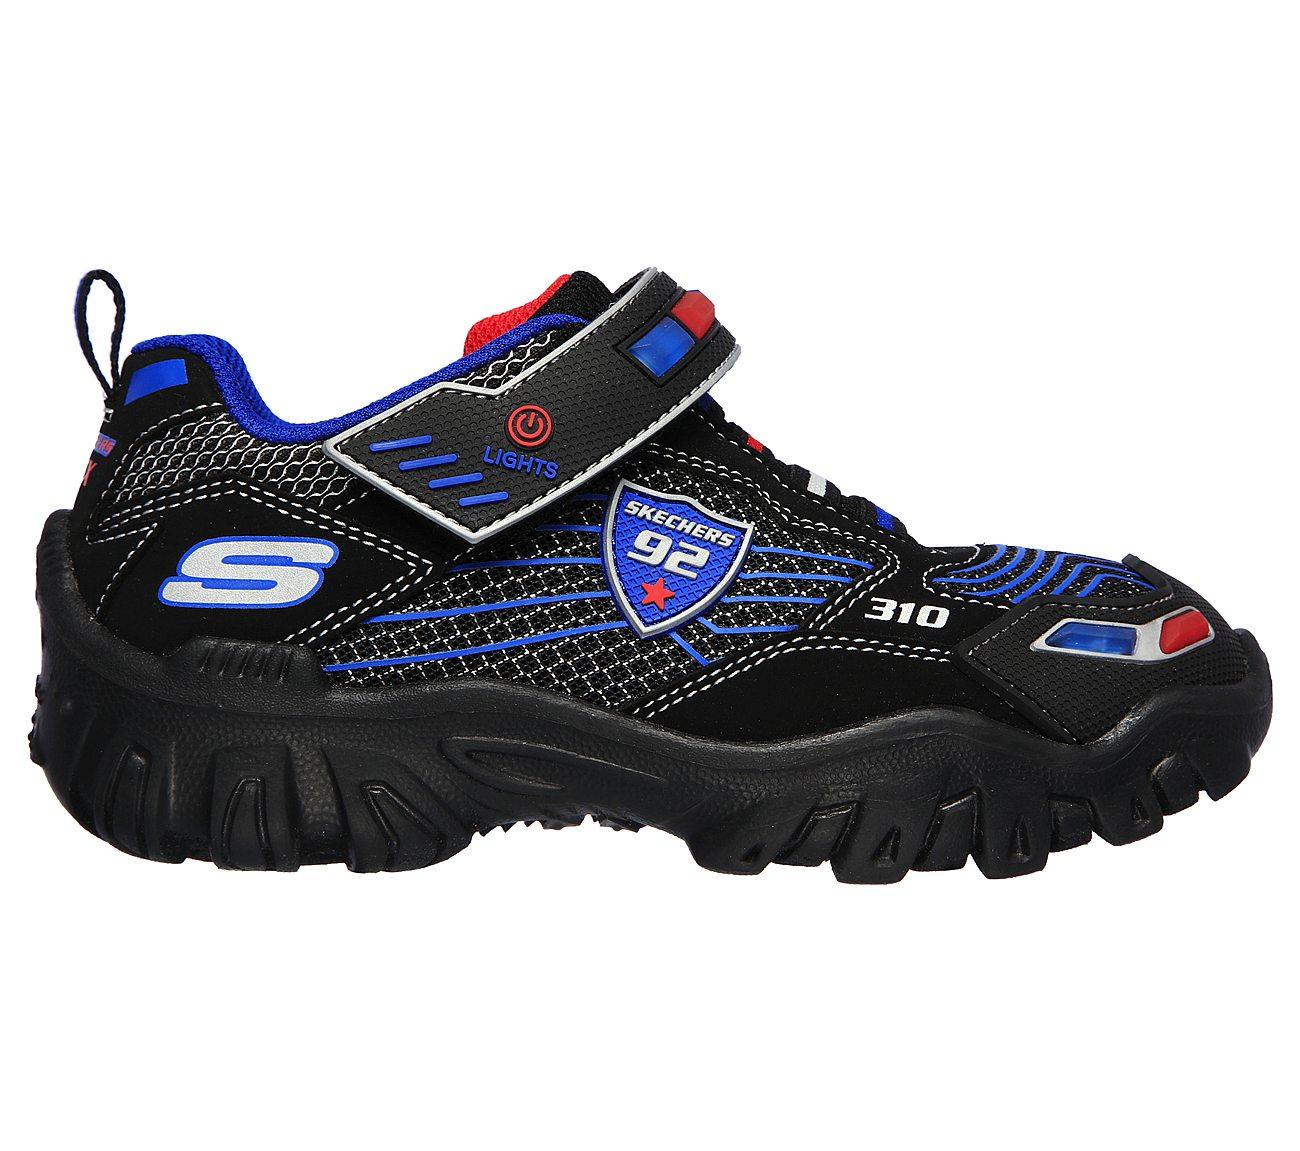 Skechers Little Kid Damager Police Light Up Sneaker